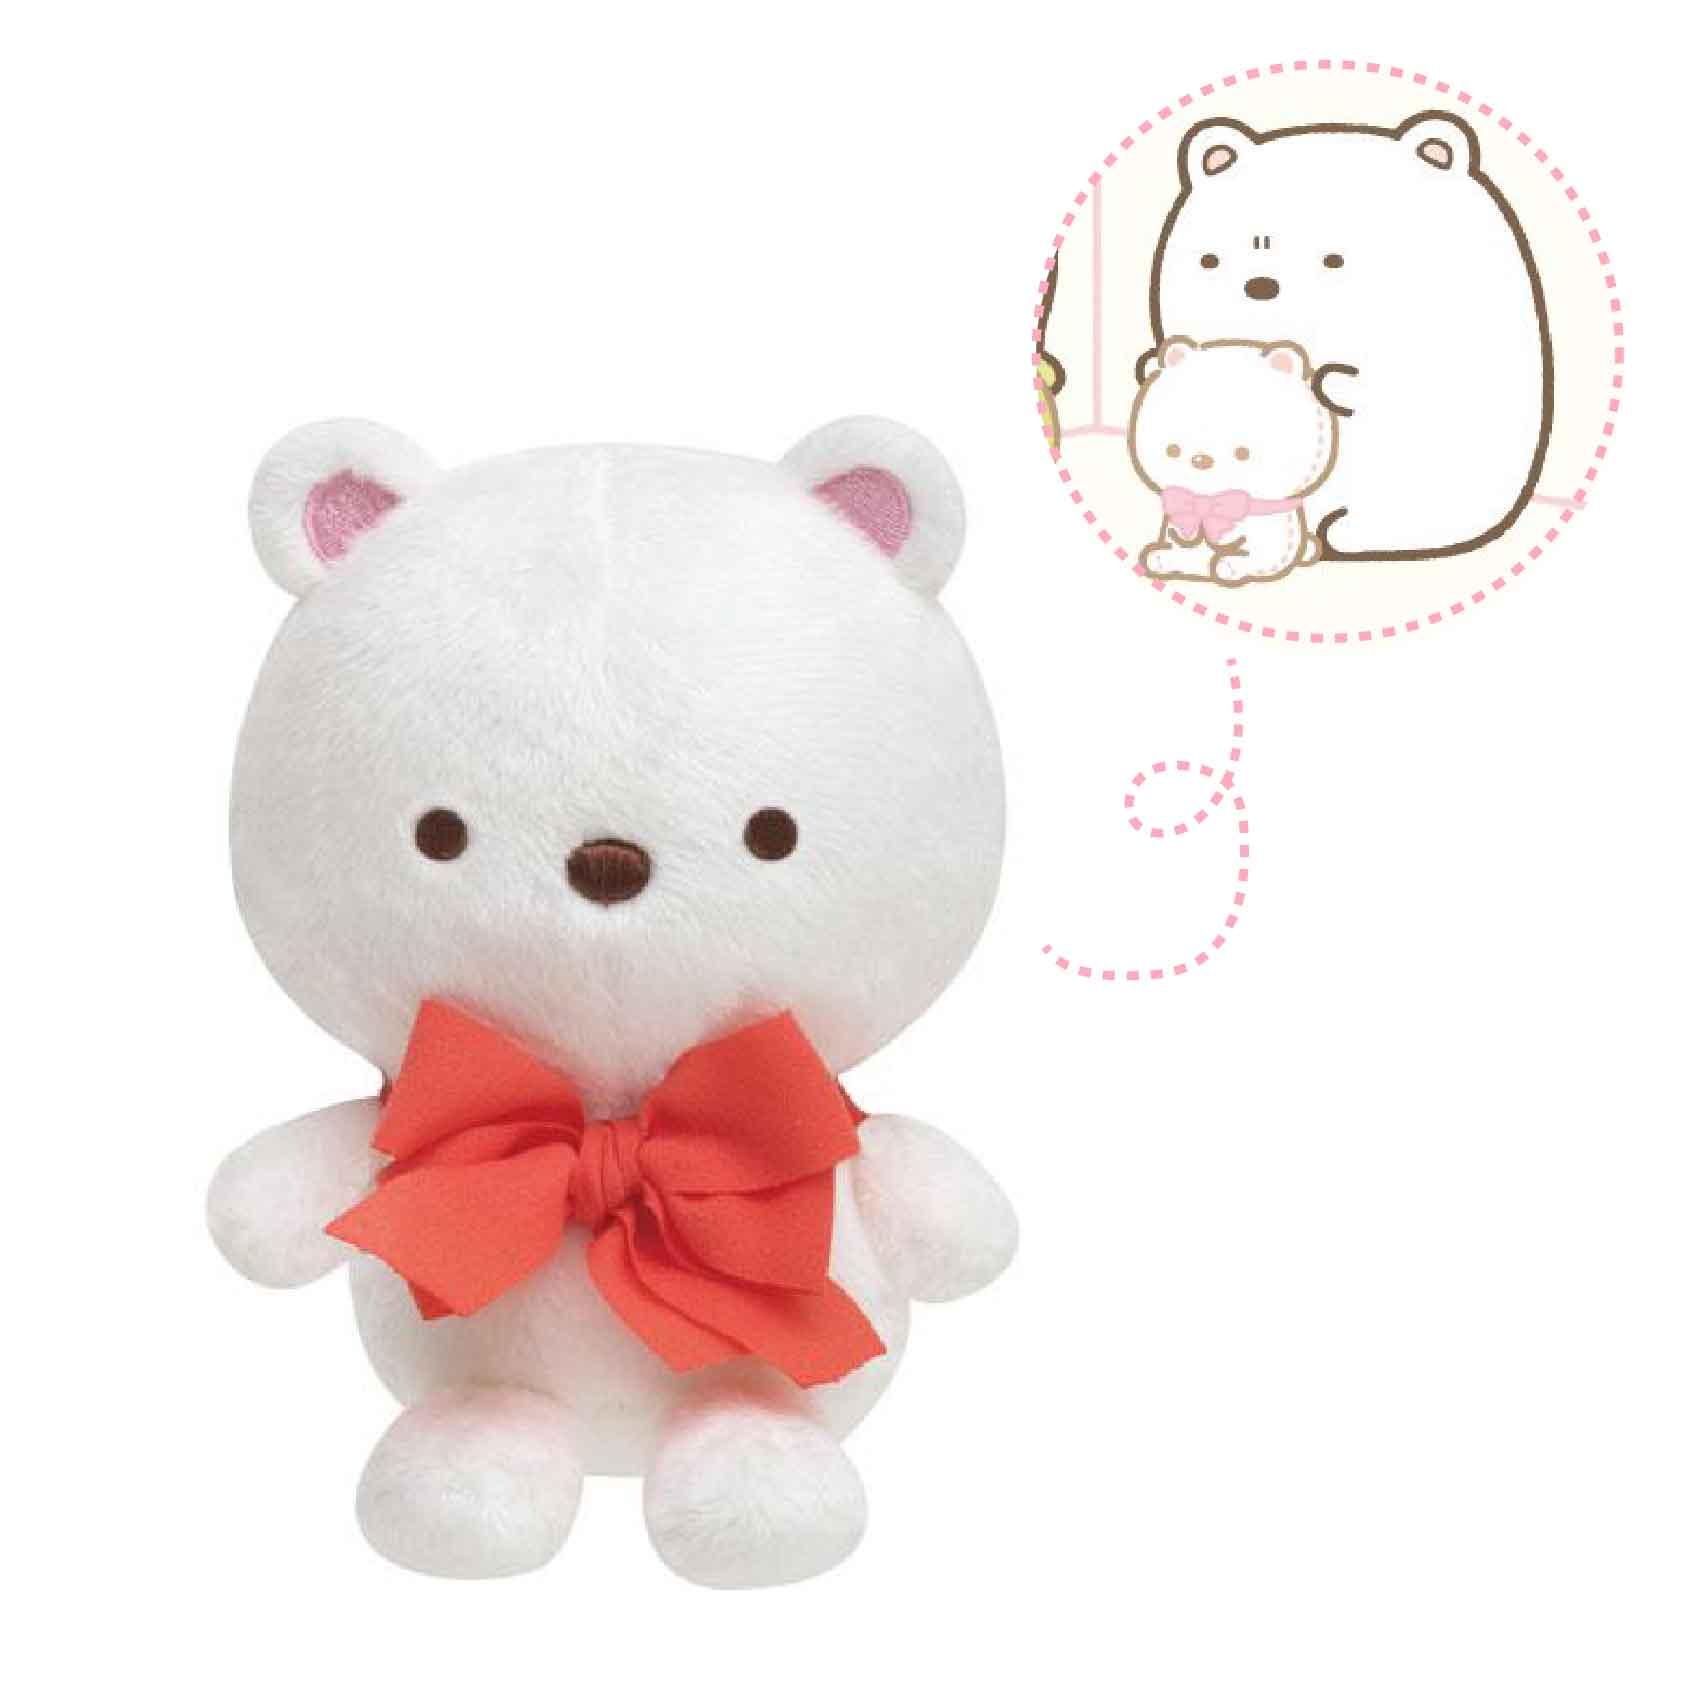 【角落生物北極熊的手縫娃娃】角落生物 北極熊 手縫 娃娃 日本正品 該該貝比日本精品